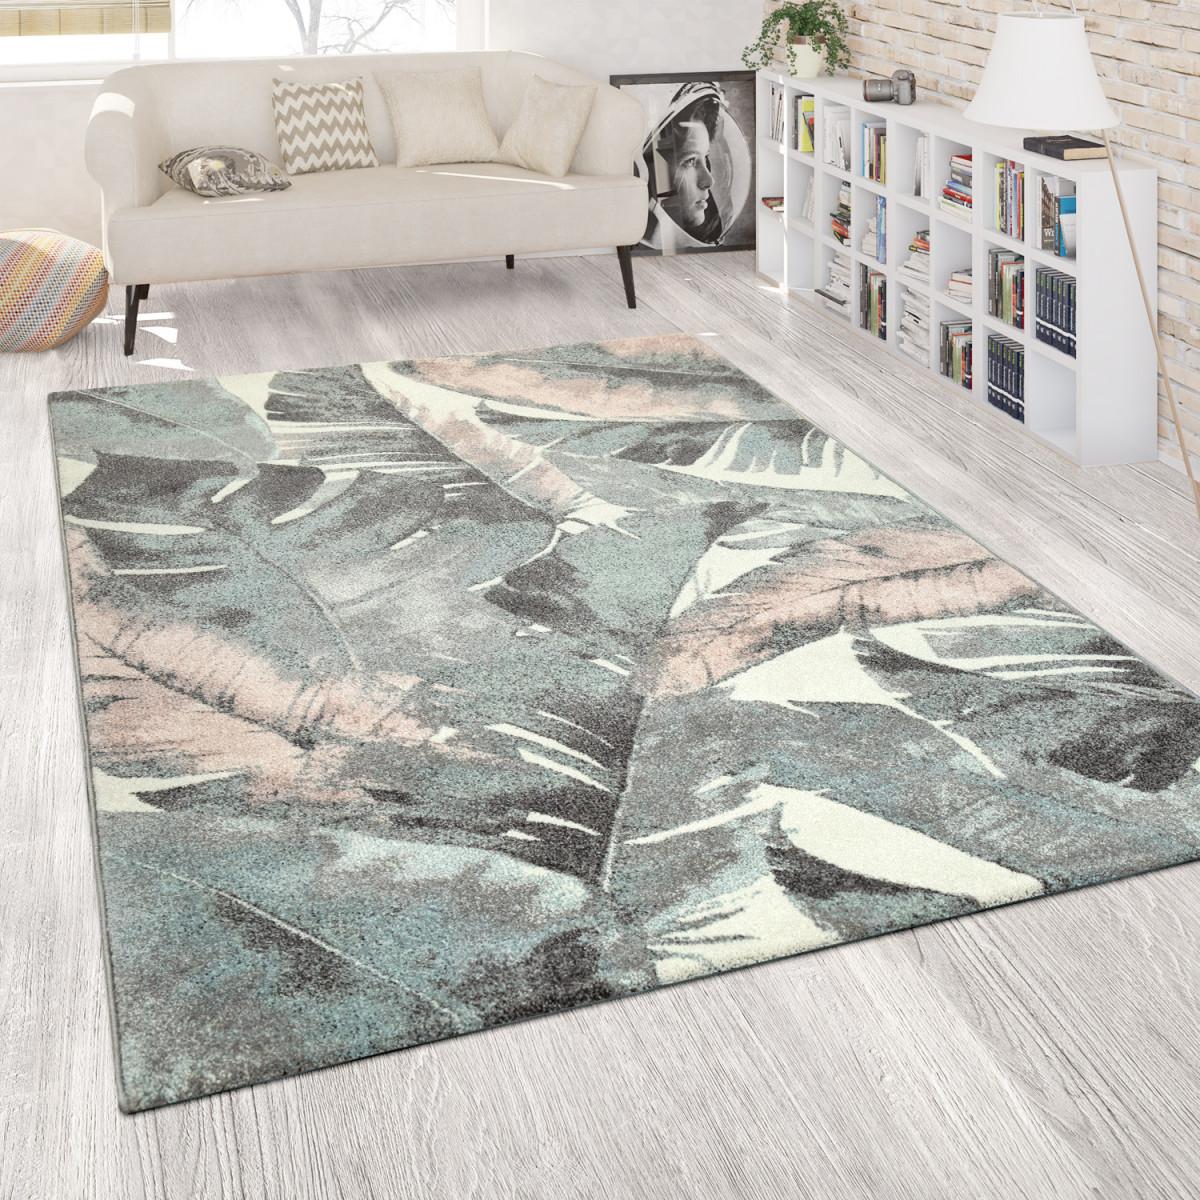 Details Zu Wohnzimmer Teppich Kurzflor Grün Rosa Bunt Pastellfarben Blumen  Palmen Design von Wohnzimmer Teppich Grün Bild